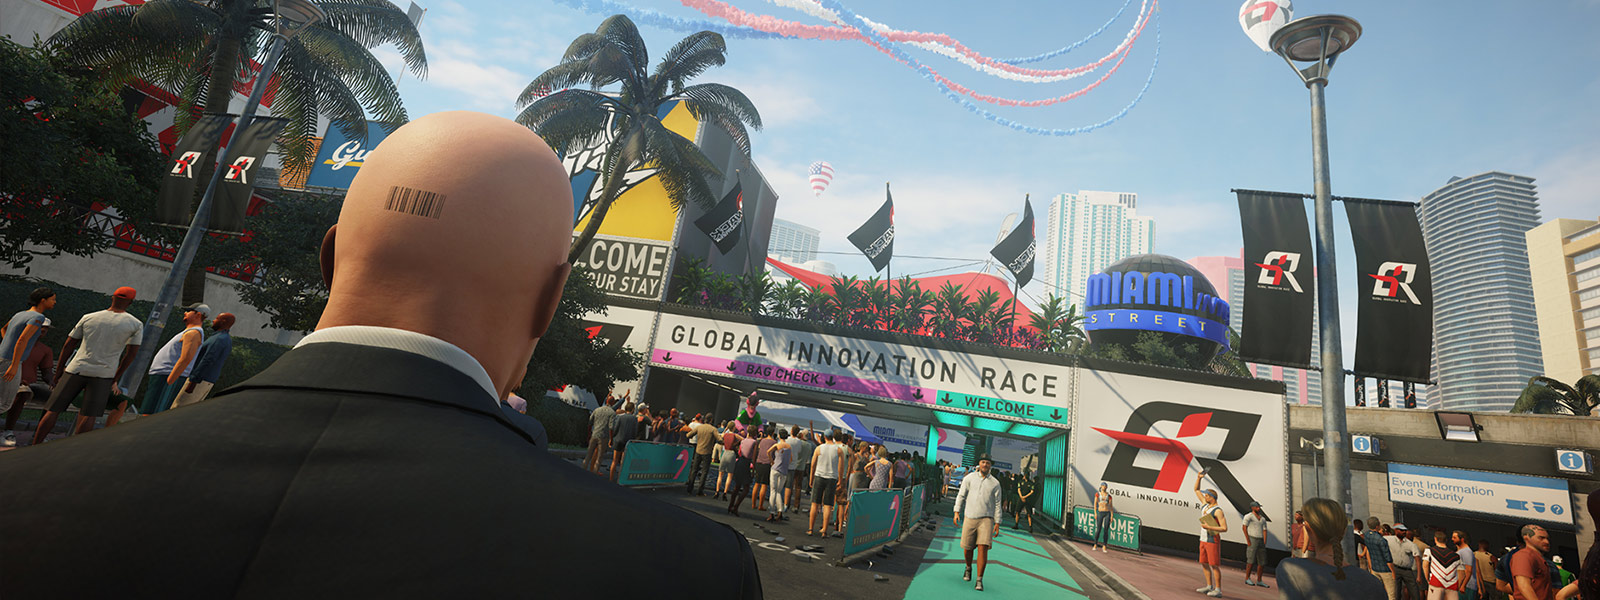 Agent 47 set bagfra, mens han står i et befolket område ved indgangen til et racerløb i Miami